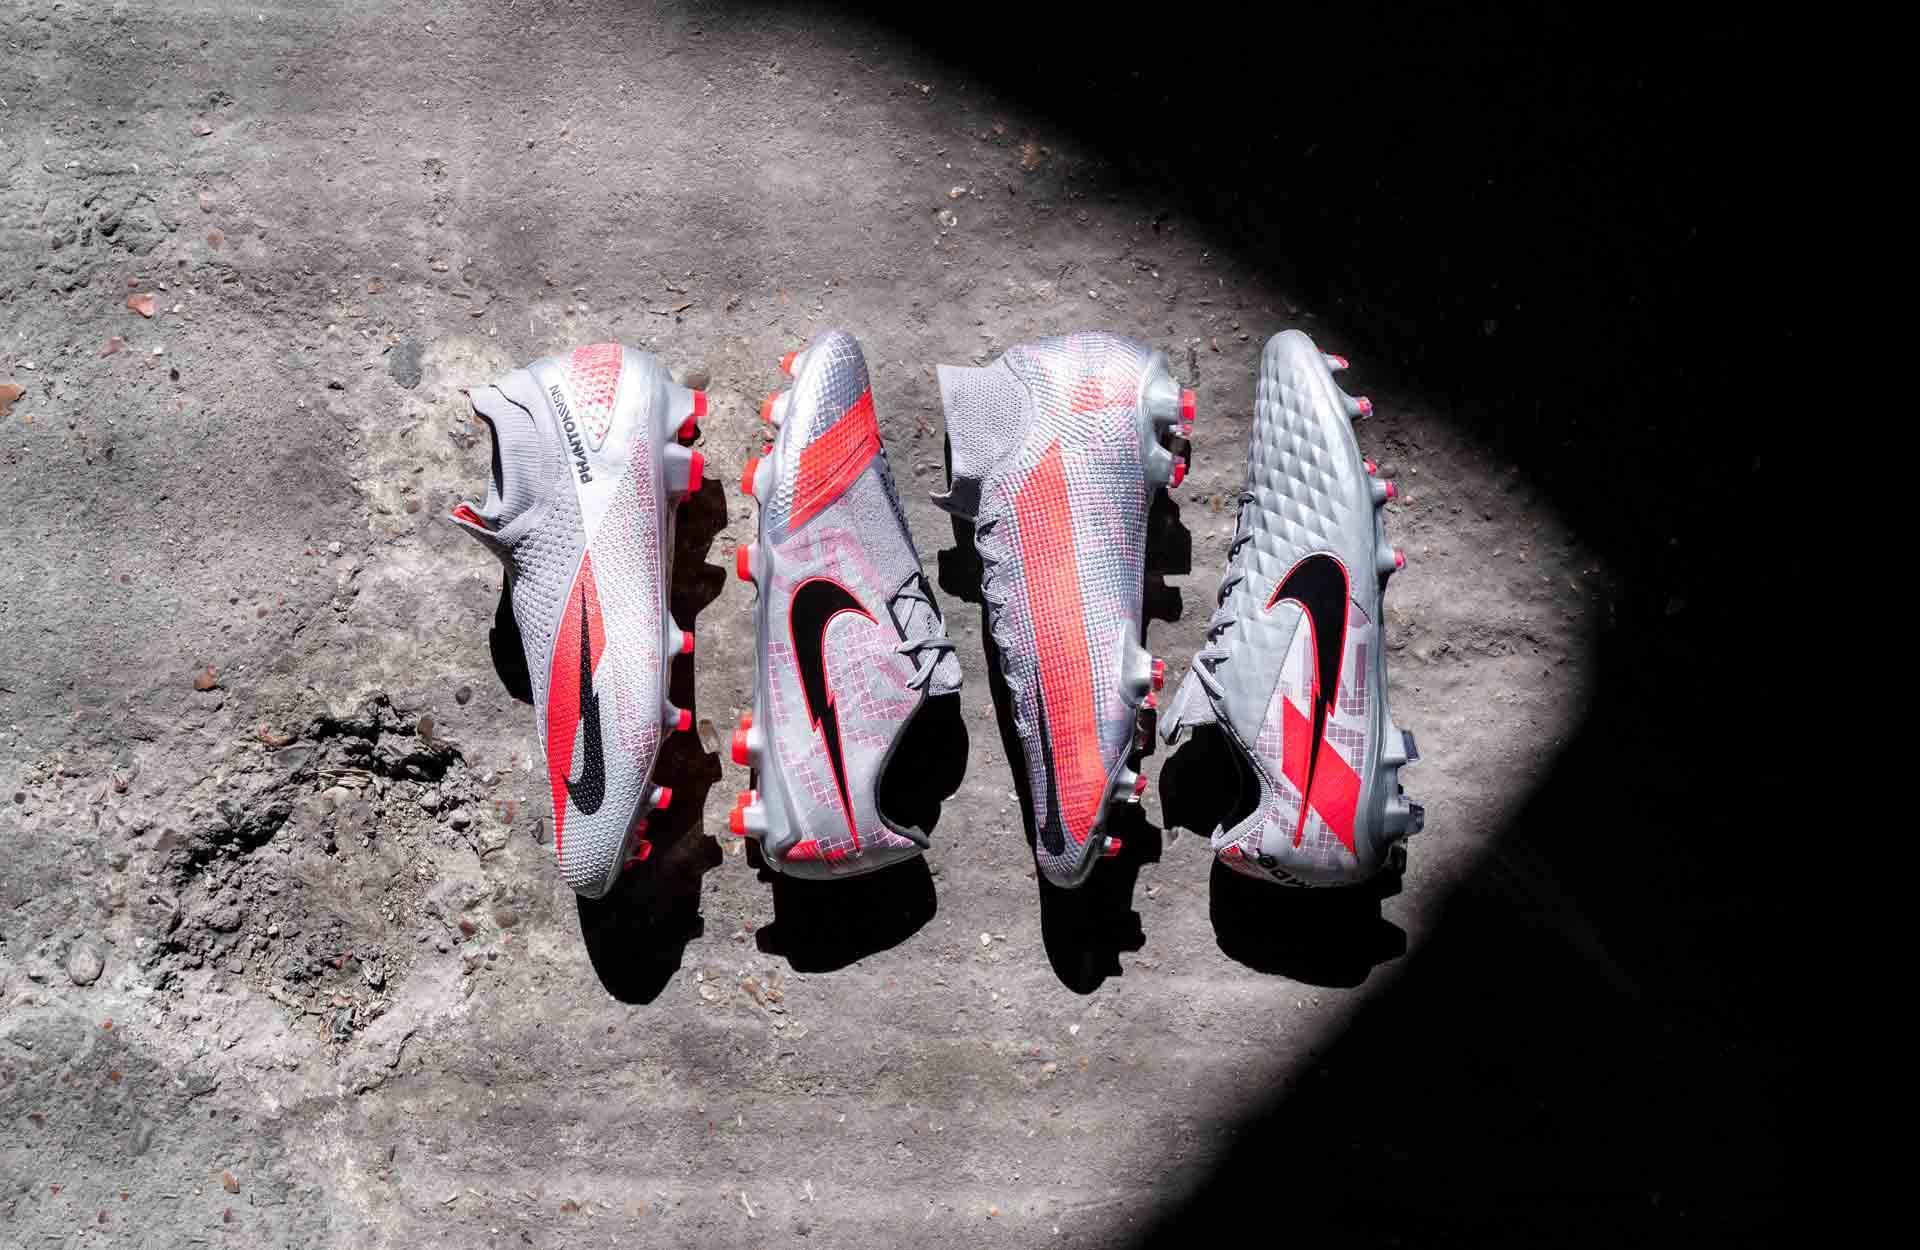 Bộ sưu tập giày đá bóng Nike Neighbourhood Pack được ra mắt vào năm 2020